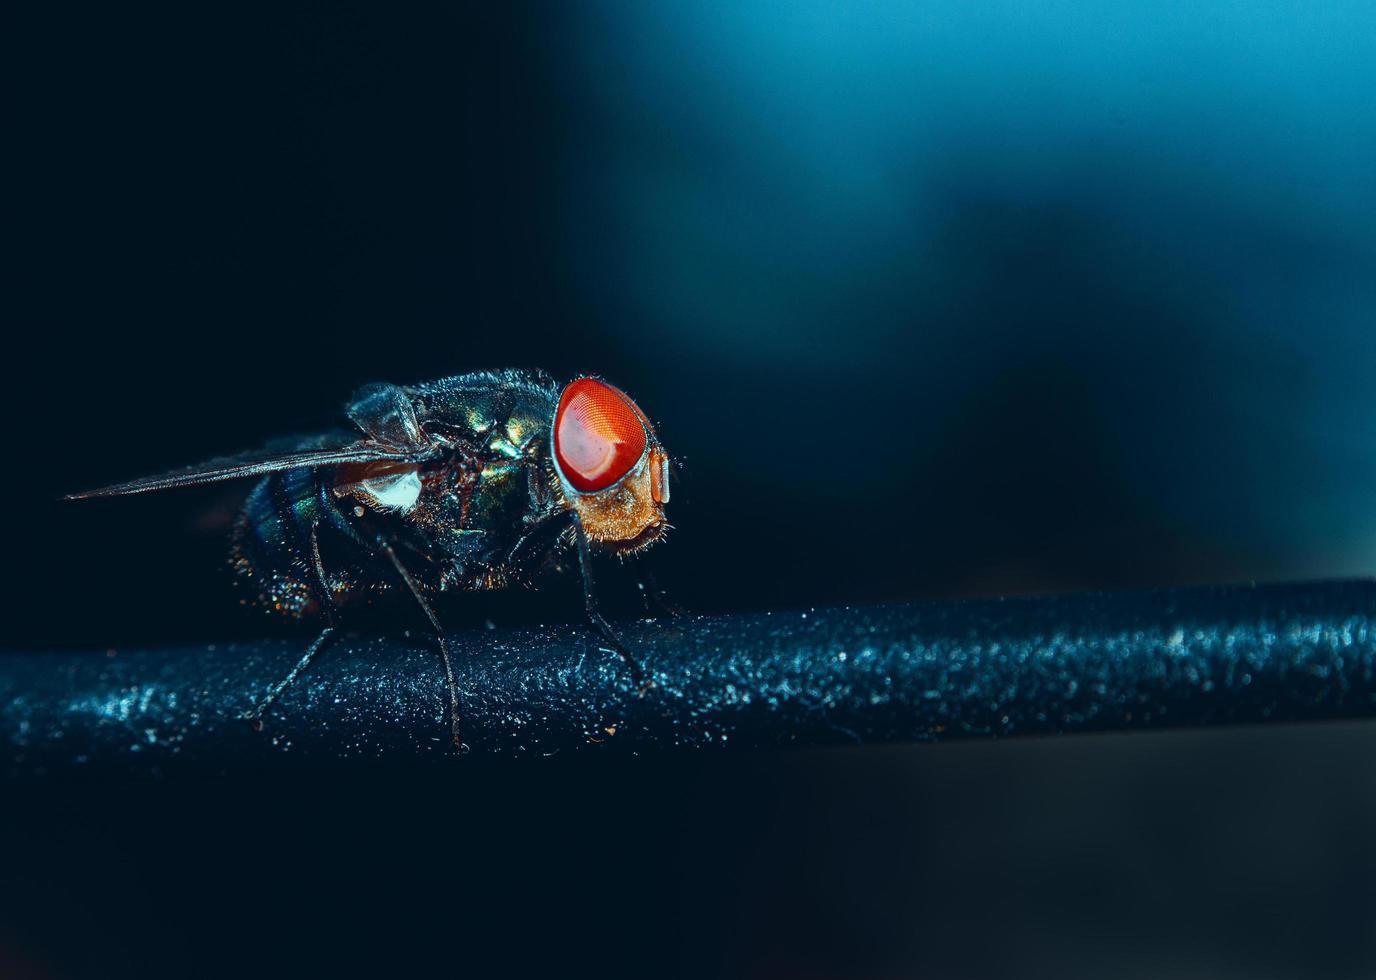 primer plano de una mosca foto